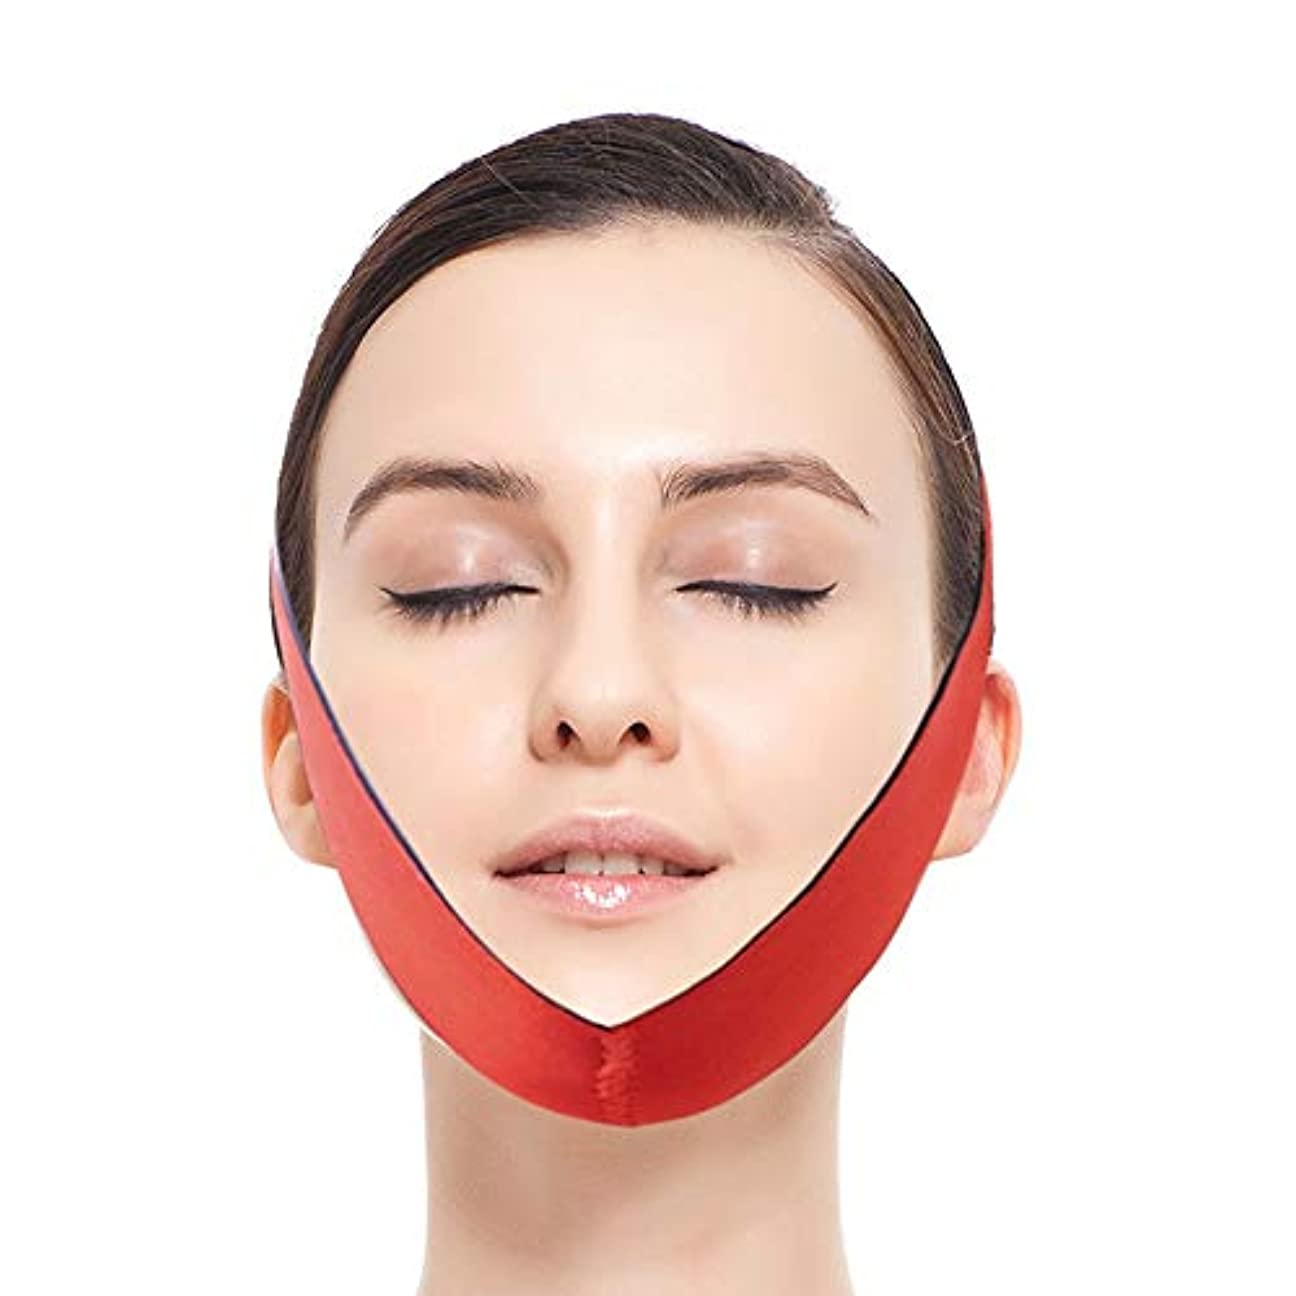 ベーカリー代わりにを立てる周波数GYZ フェイスリフティングアーティファクトVフェイス包帯マスクダブルあご引き締め顔薄い咬傷筋肉下顎矯正顔 Thin Face Belt